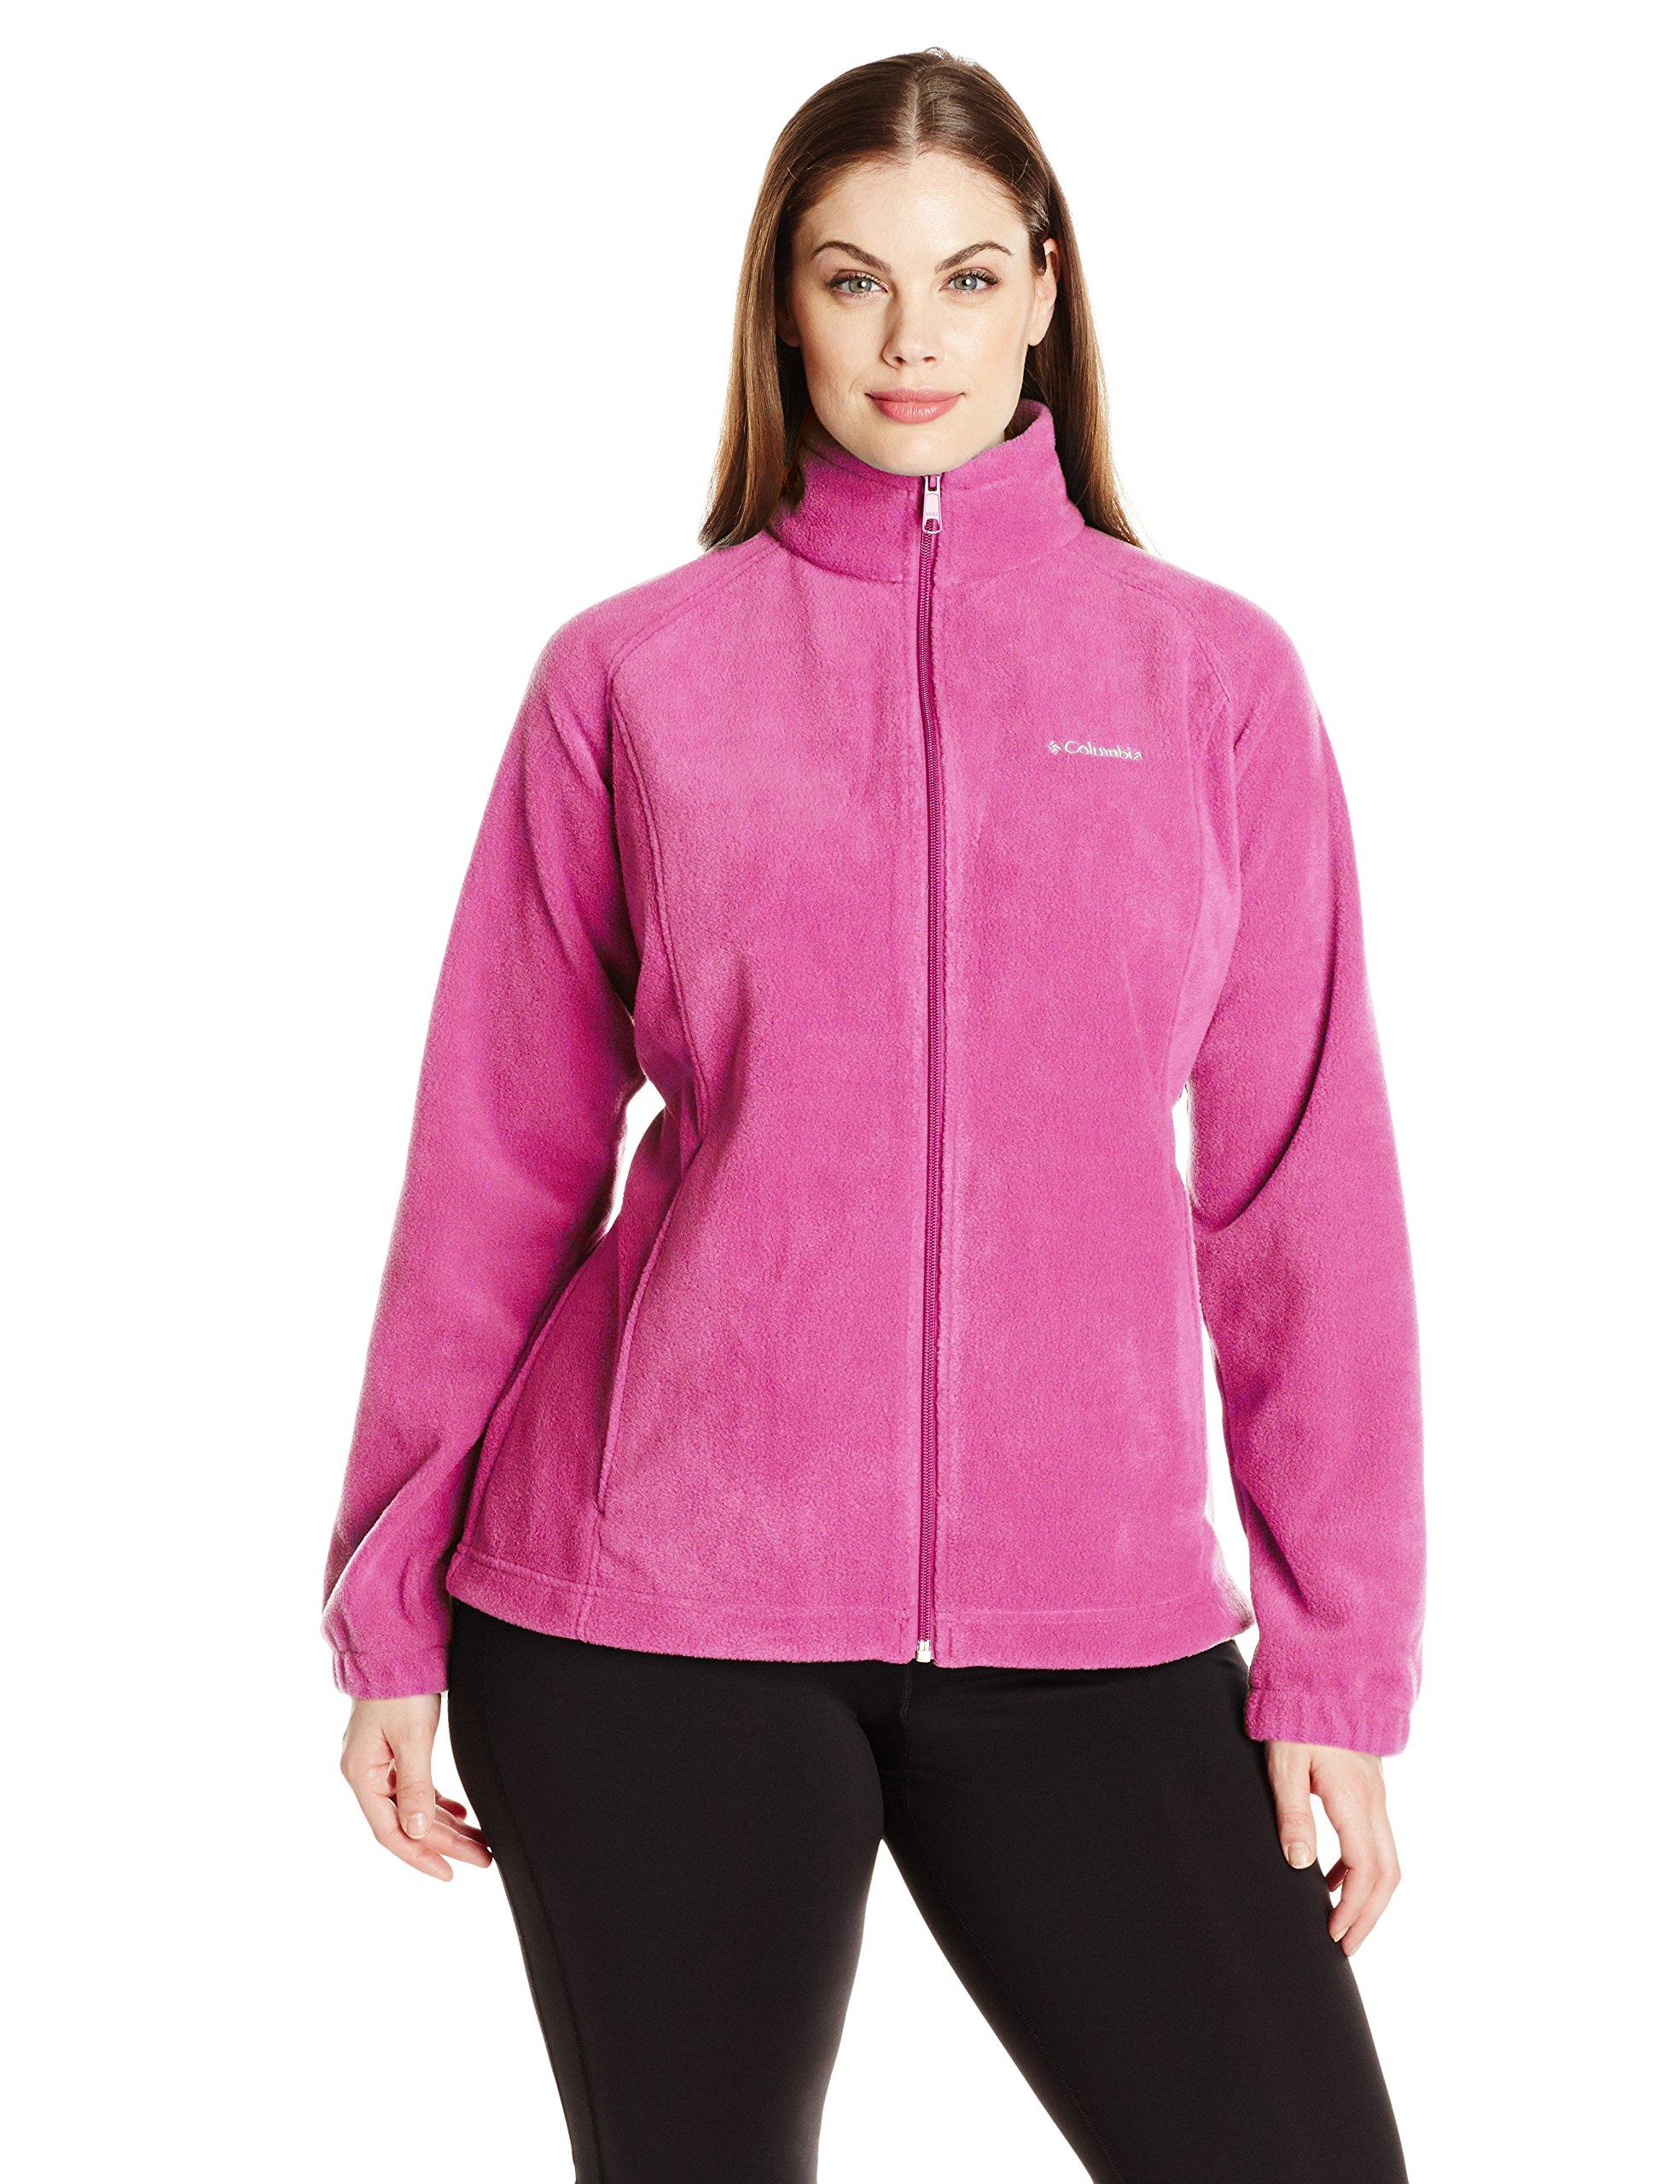 Columbia Women's Plus Size Benton Springs Full Zip Jacket, Fuchsia, 3X